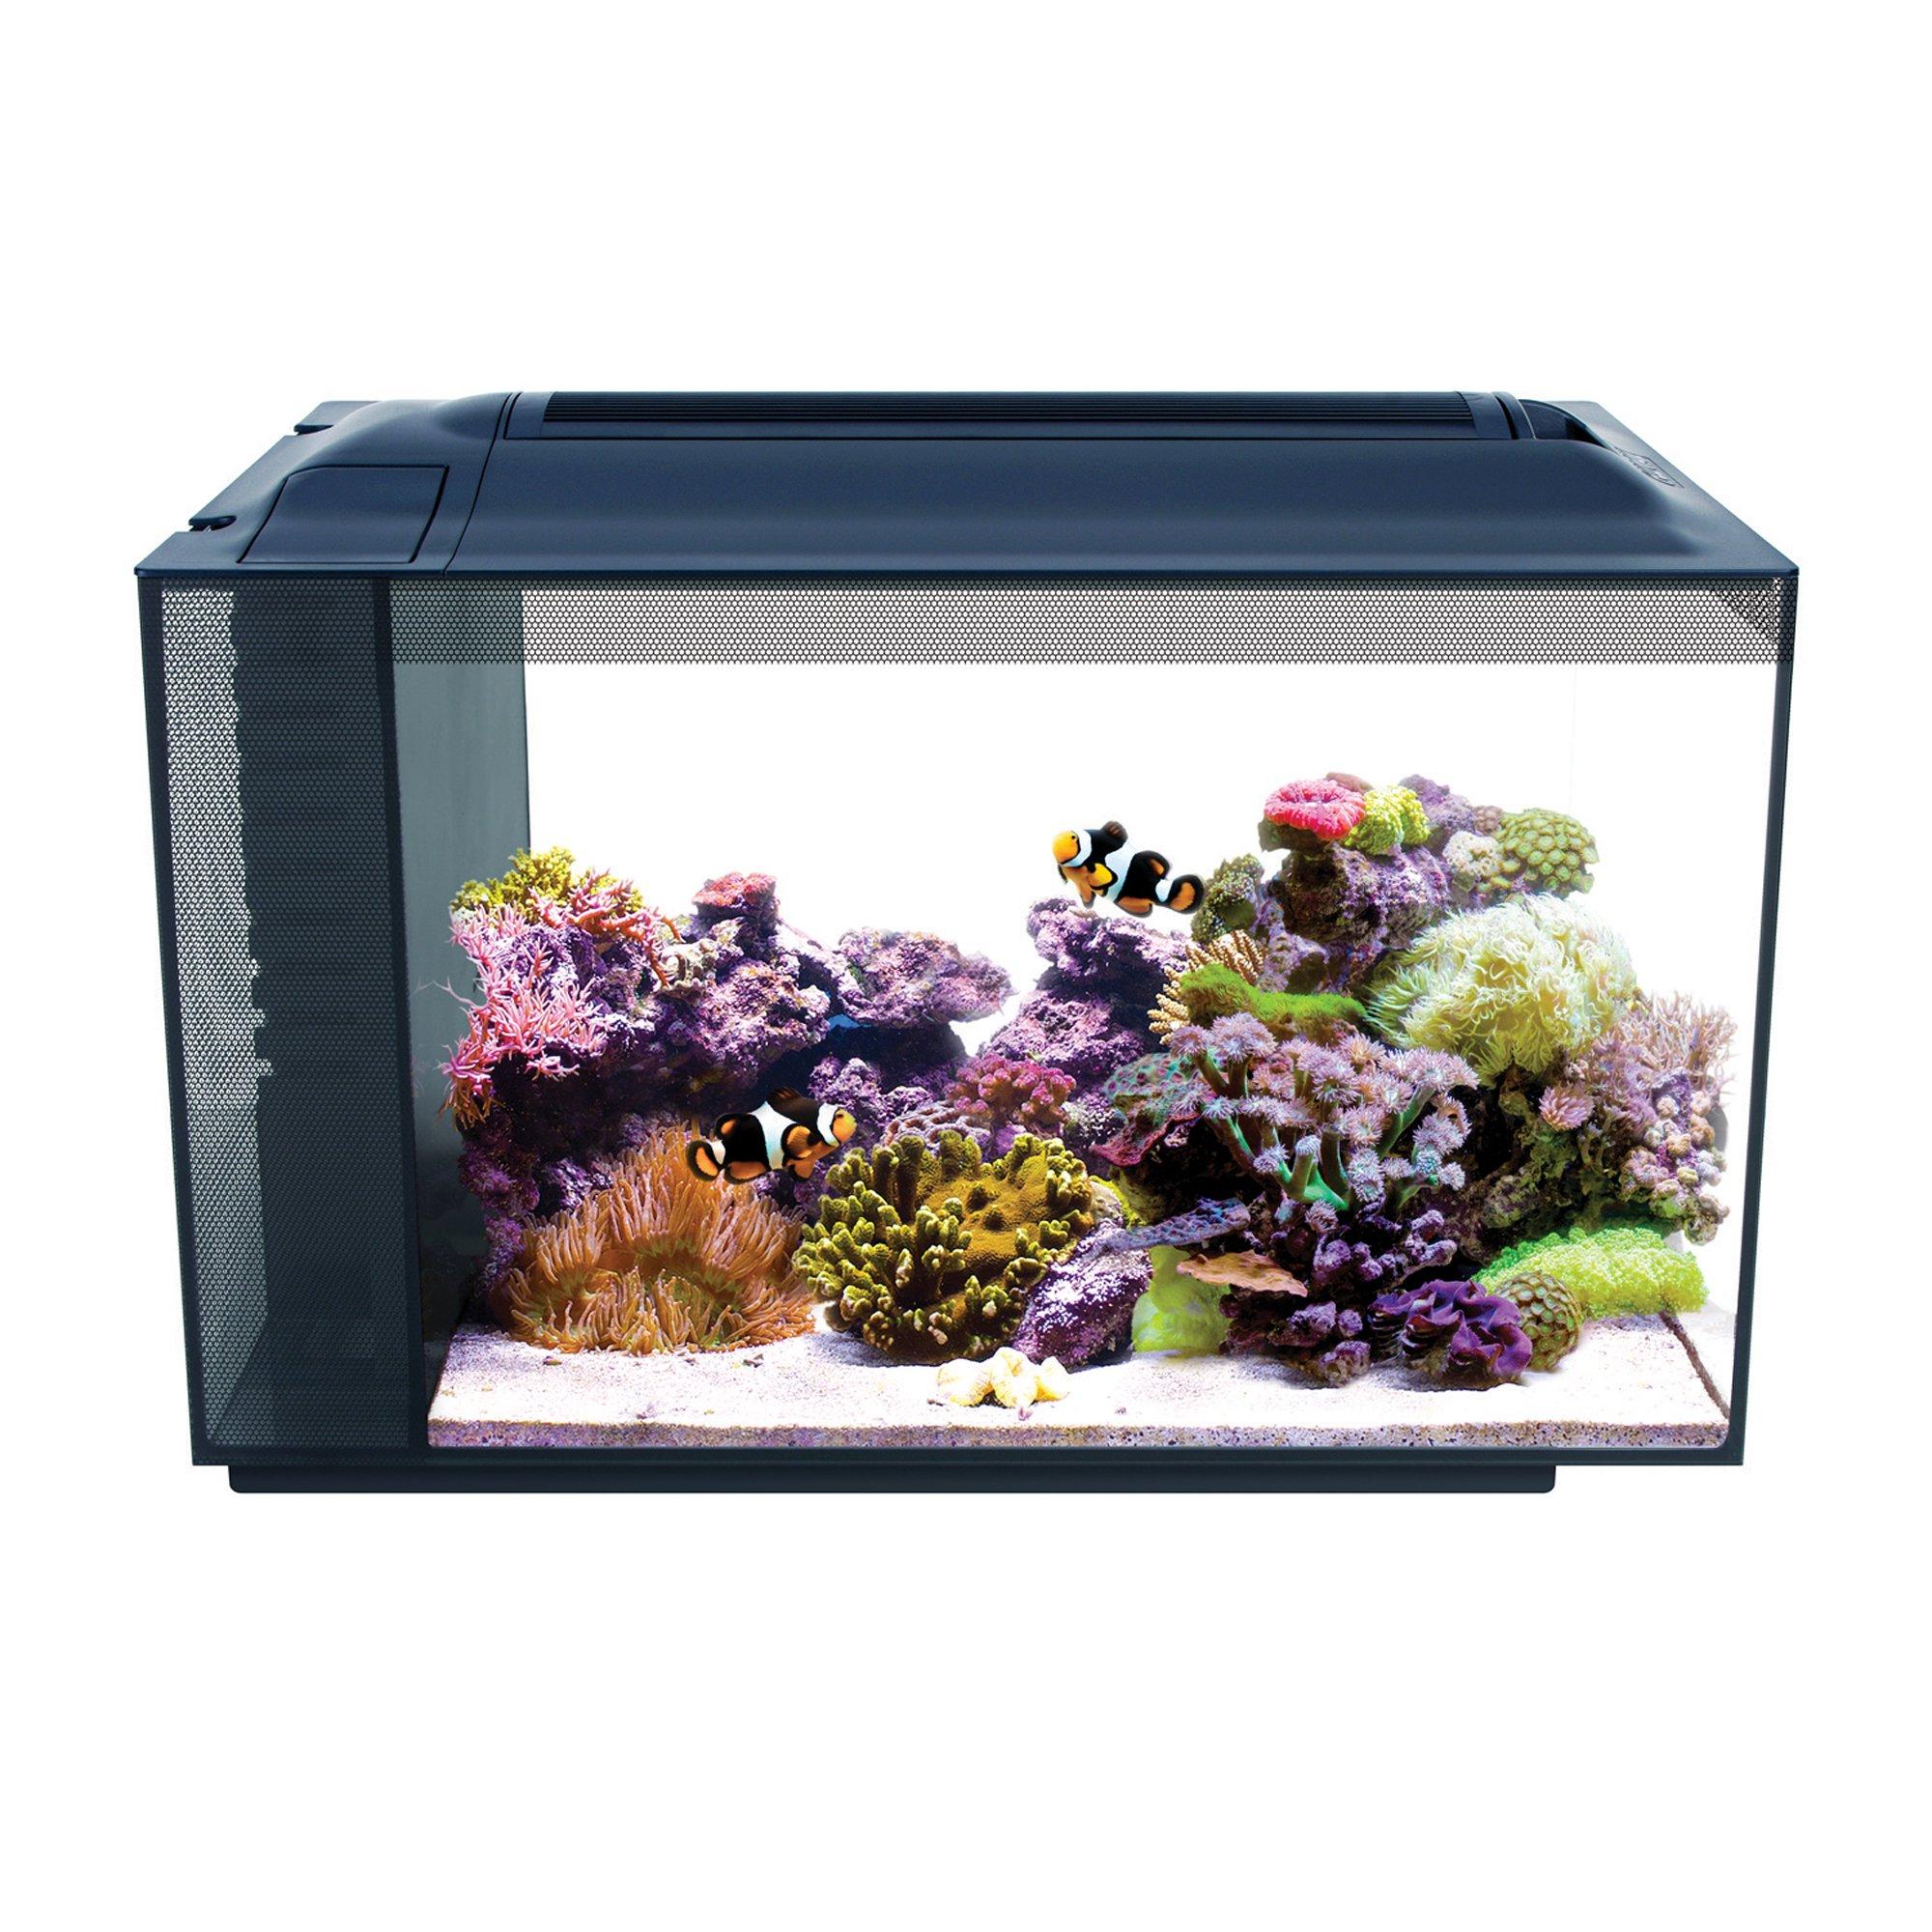 Petco turtle tank kit for 50 gallon fish tank starter kit